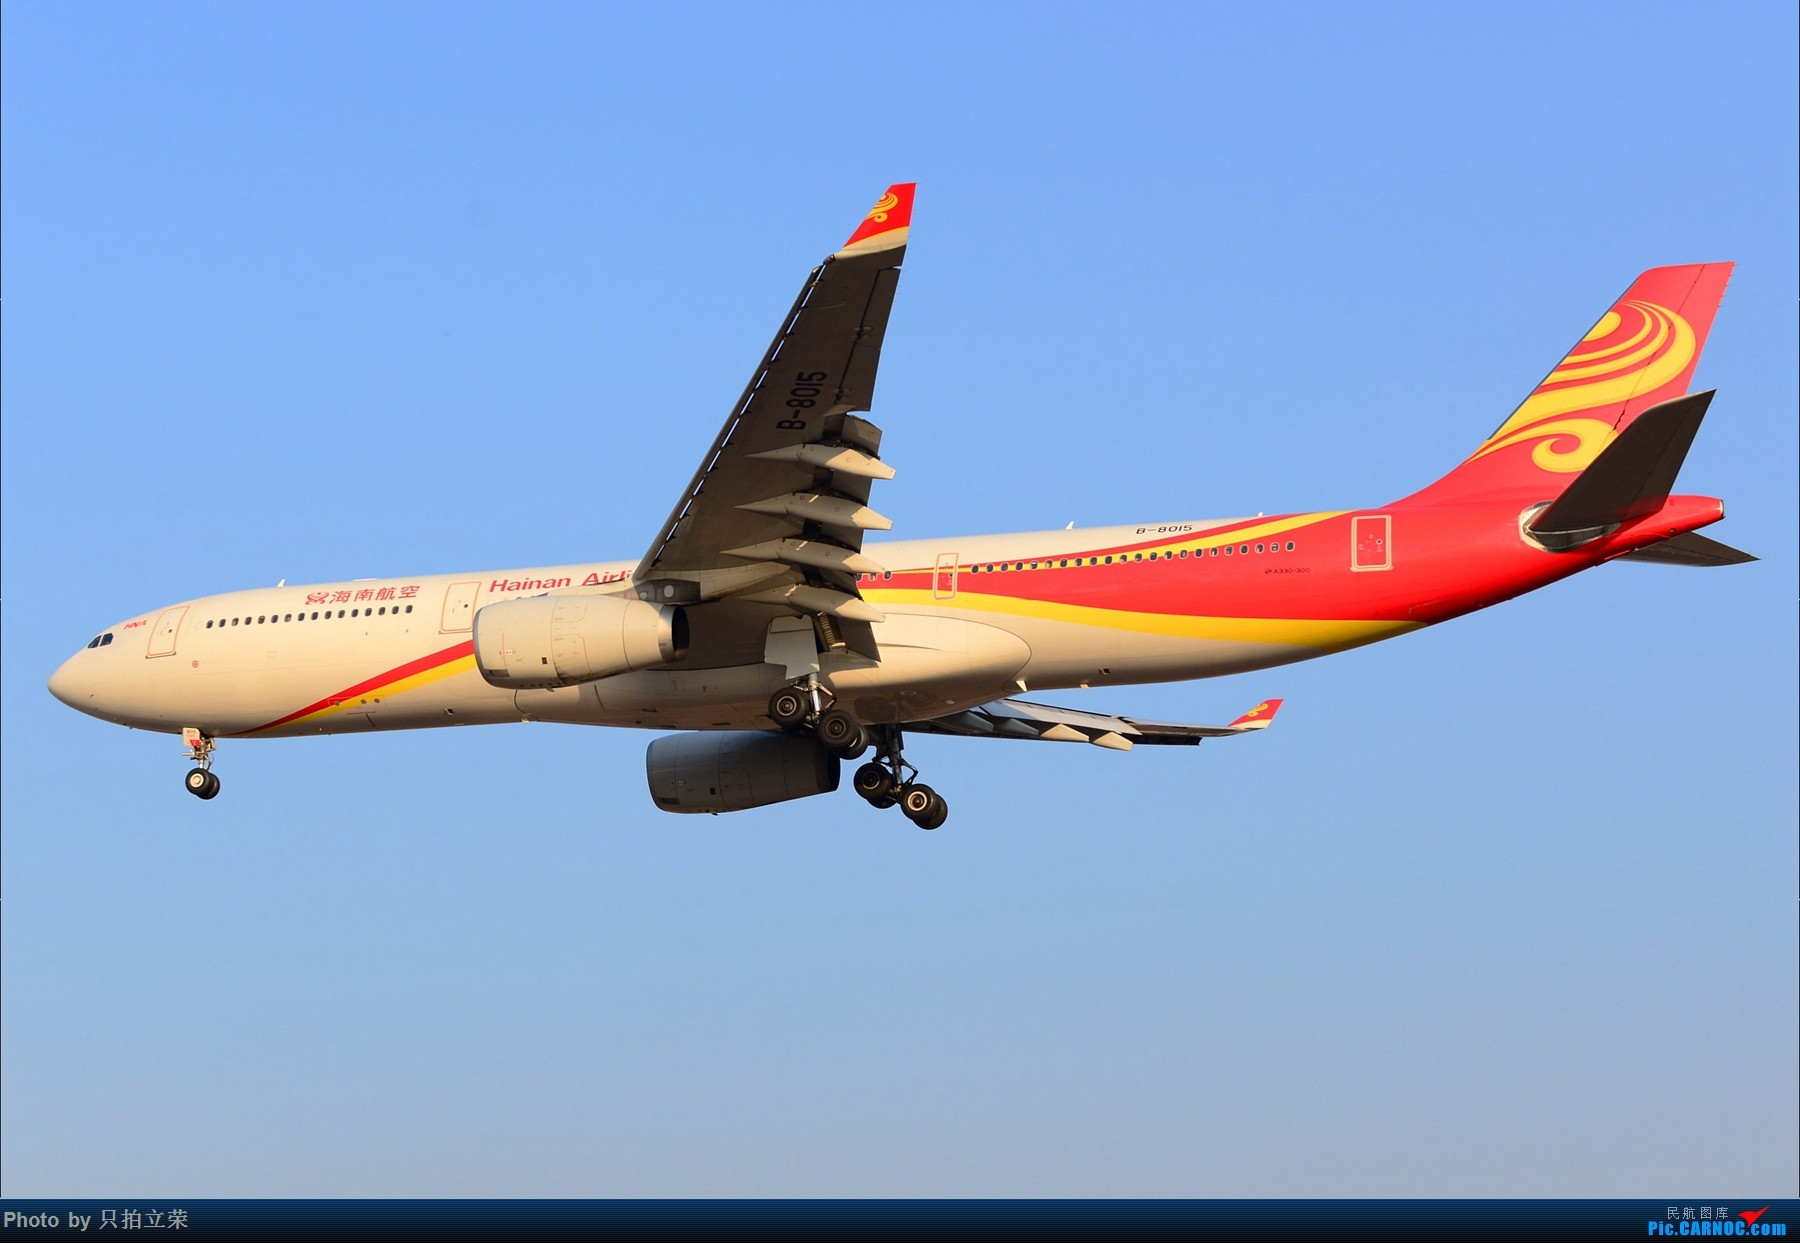 Re:[原创]湖南飞友会-难得好天气巴铁伊尔-78再访长沙! AIRBUS A330-300 B-8015 中国长沙黄花国际机场